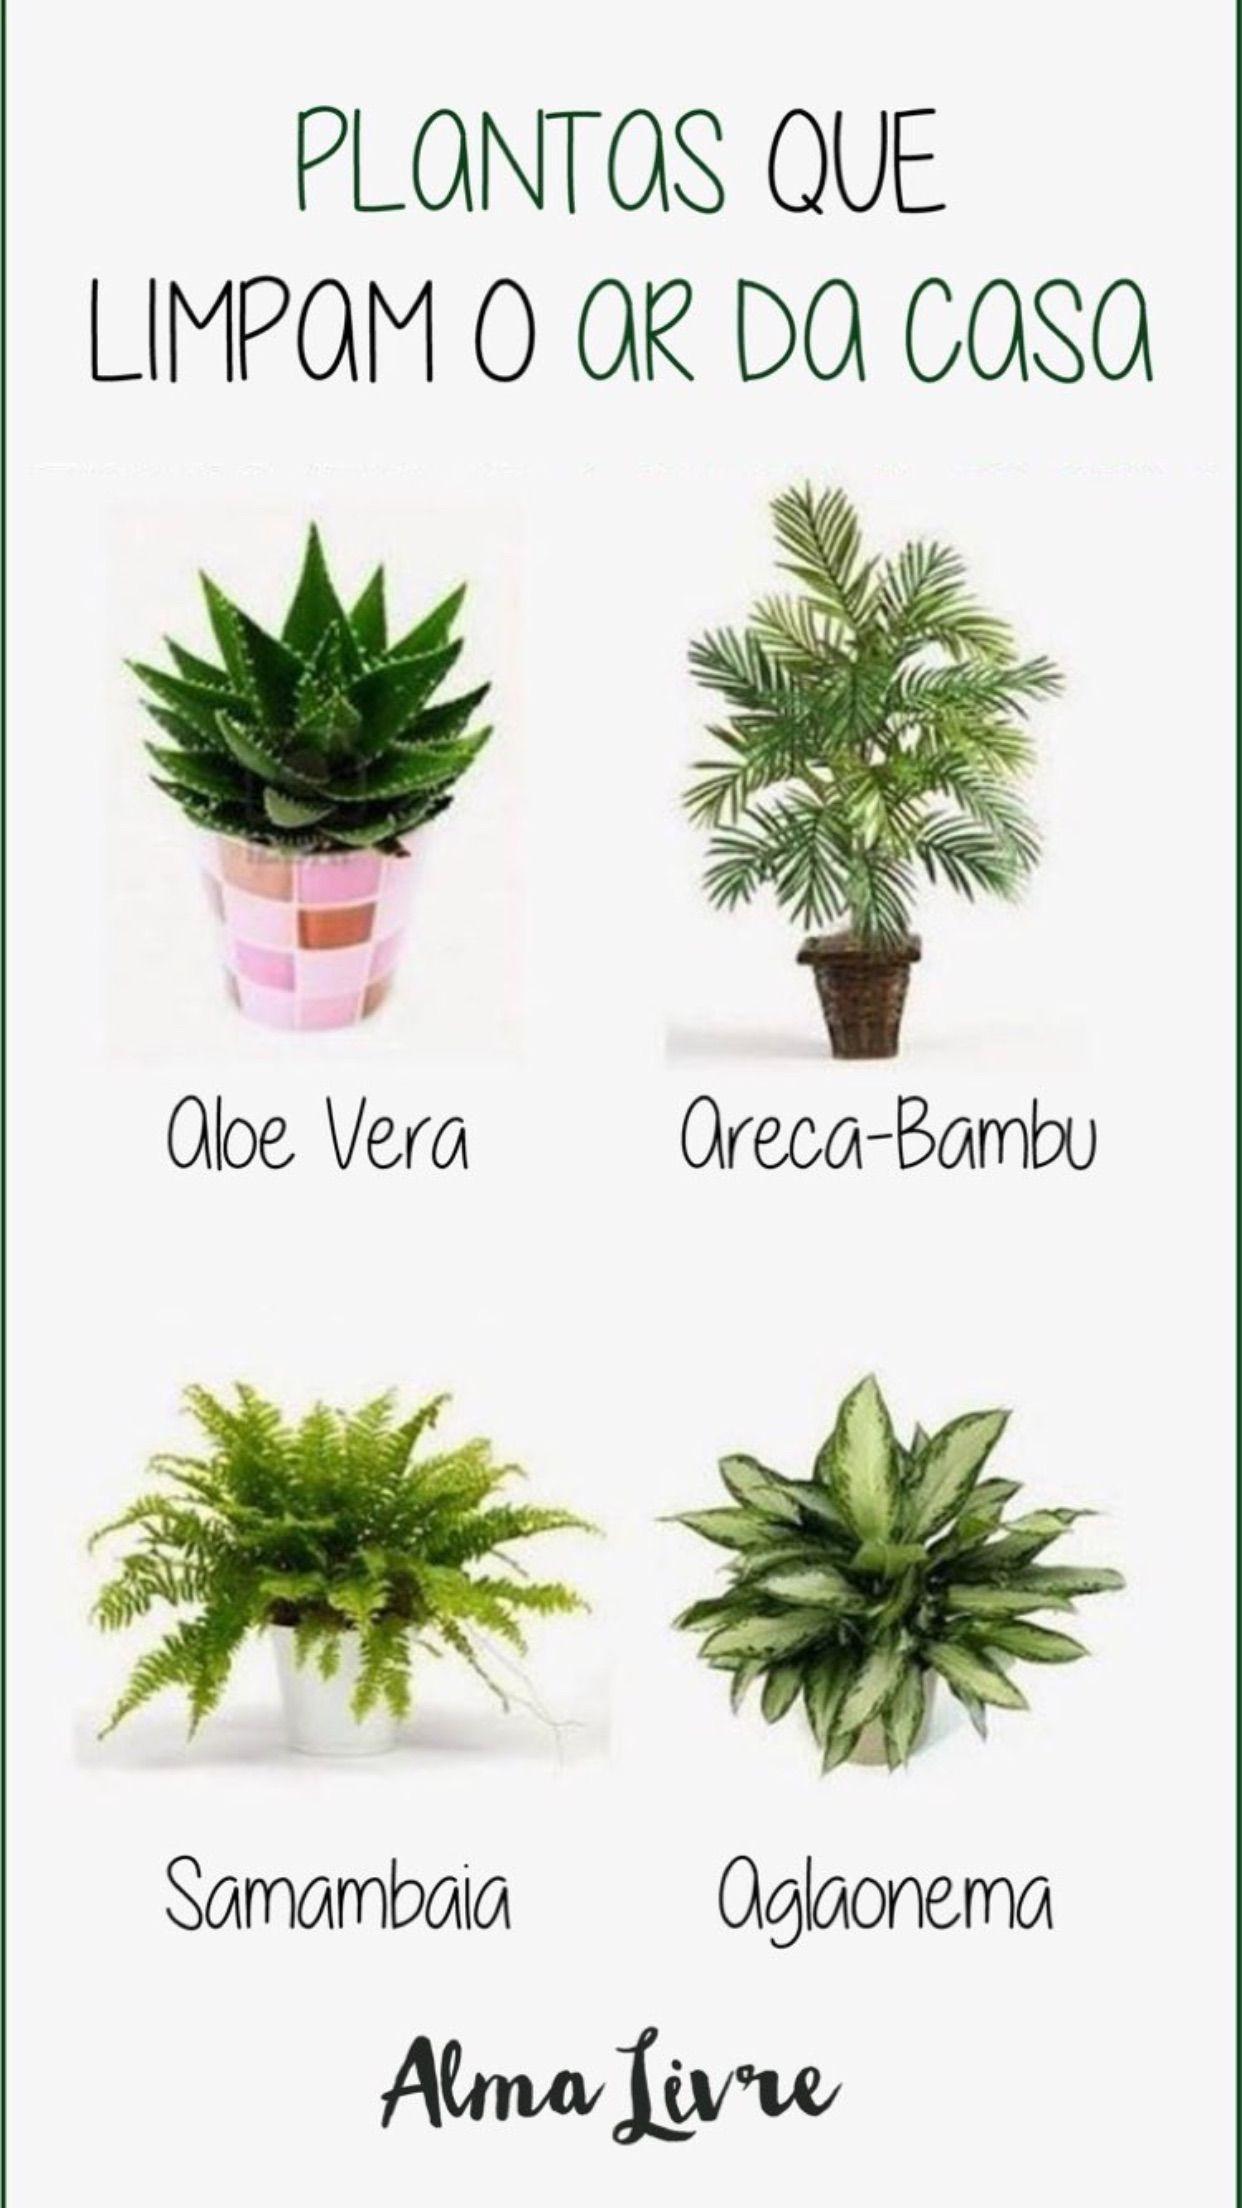 Plantas Plantas Jardim Ideias De Jardinagem